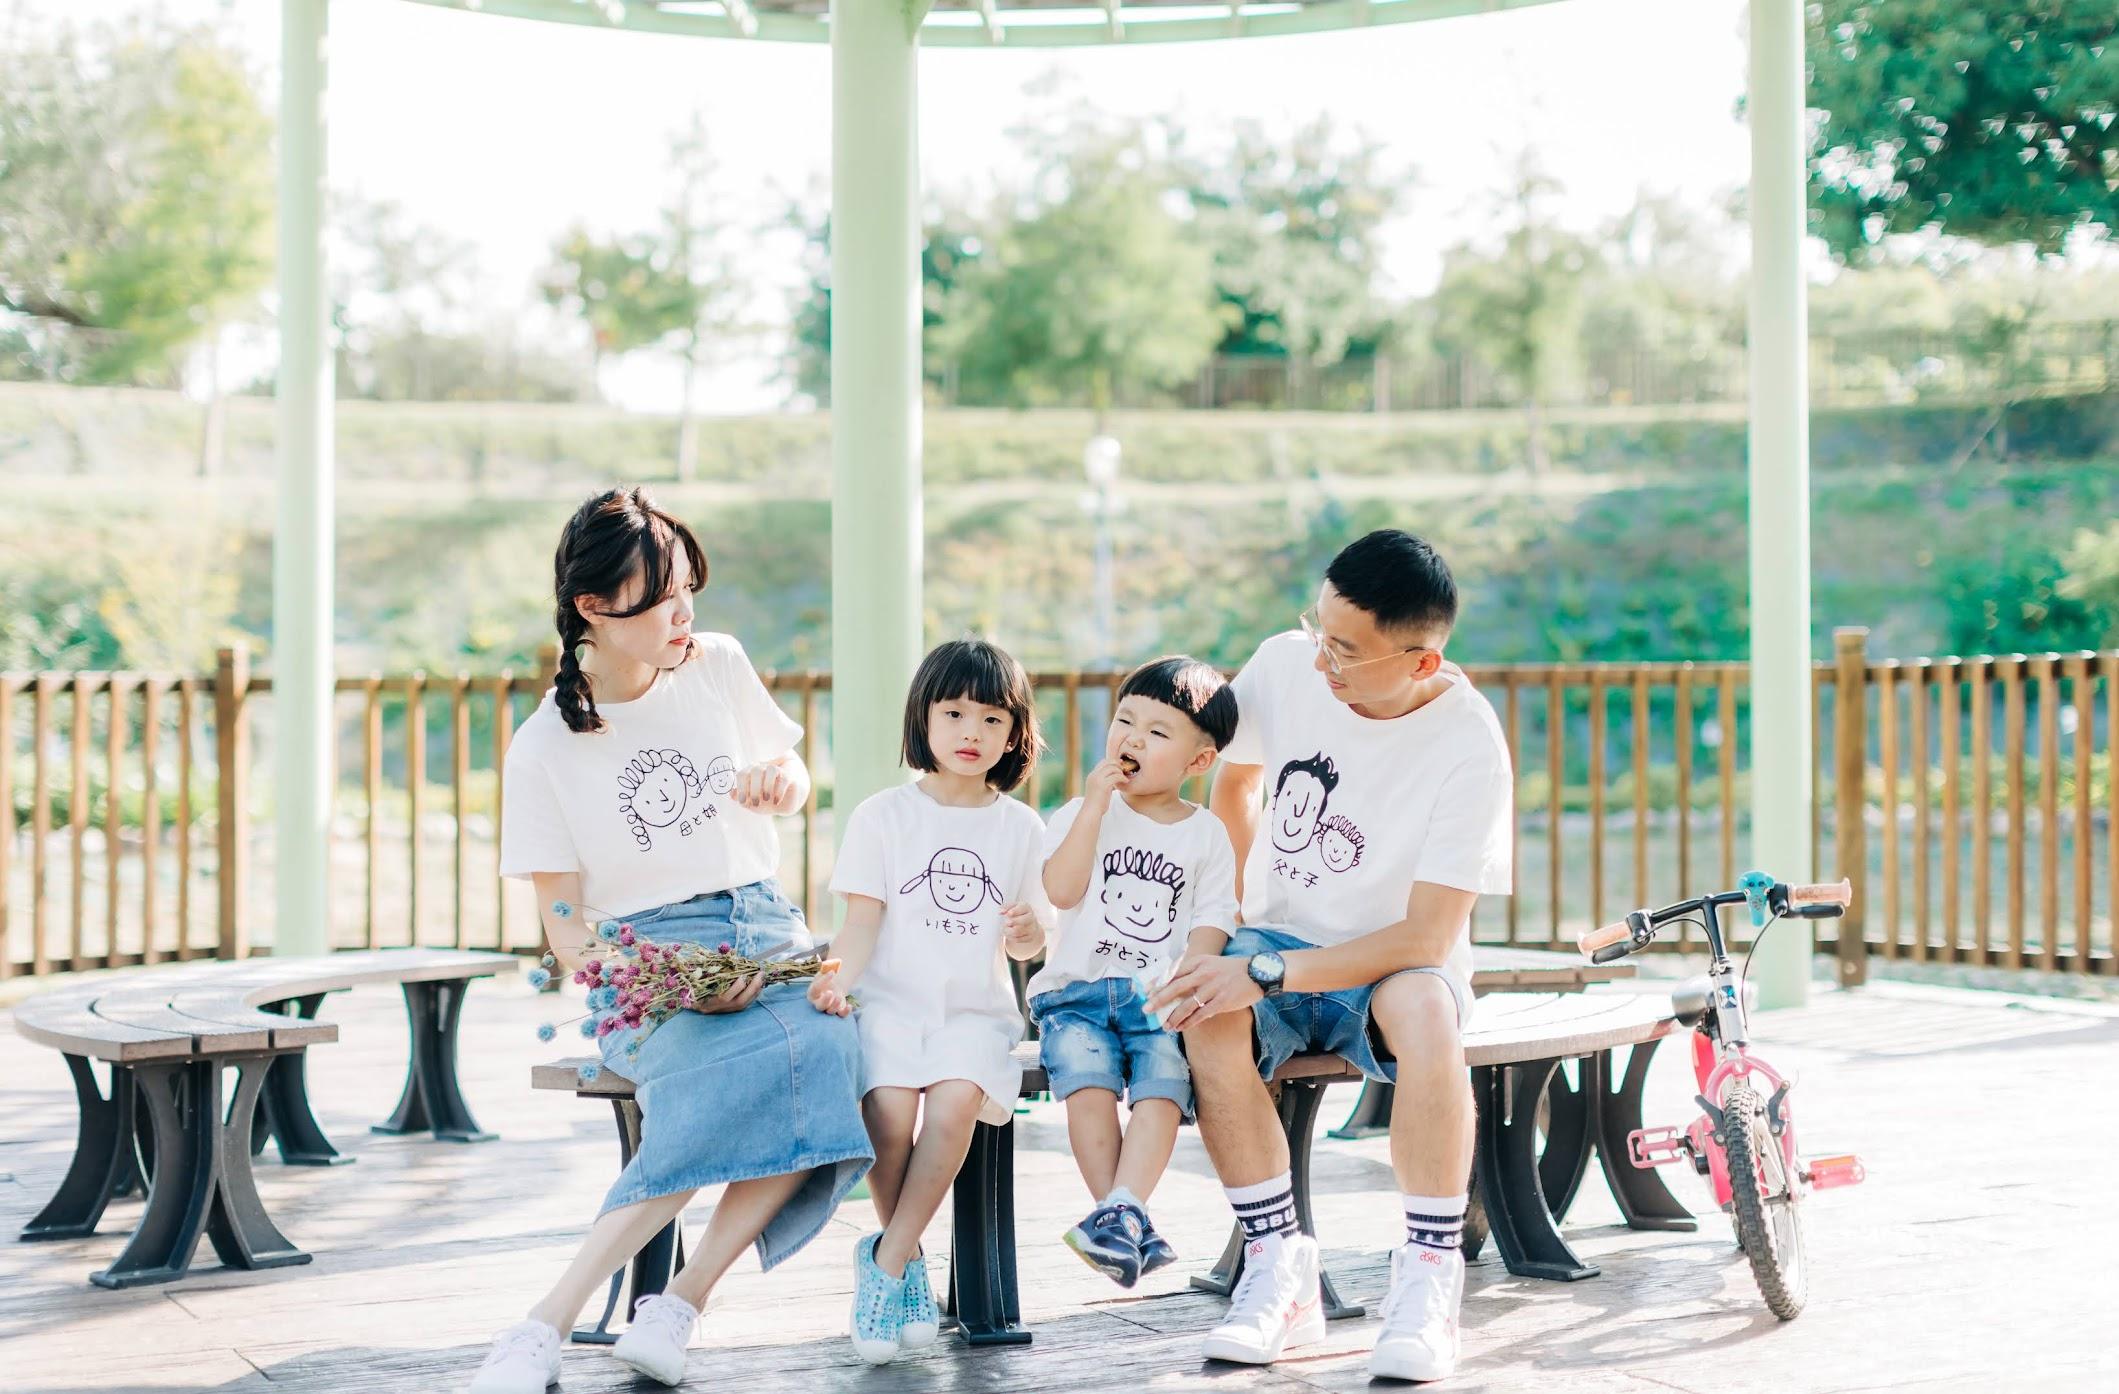 坪林森林公園家庭寫真 | Guan's Family | 戶外全家福 - 美式家庭照 坪林森林公園家庭寫真 / 戶外 親子 家庭照 / 美式婚紗婚禮 / 全家福 , 今年秋天,我們在坪林森林公園 ,為可愛的怡端一家拍攝了 外景 陽光 親子照 ,在風和日麗的下午,拍攝也很順利。這是一次非常深刻的 戶外 全家福 親子寫真 拍攝經驗,途中還在草地上,為他們拍攝AG的 逐光 美式 婚紗。